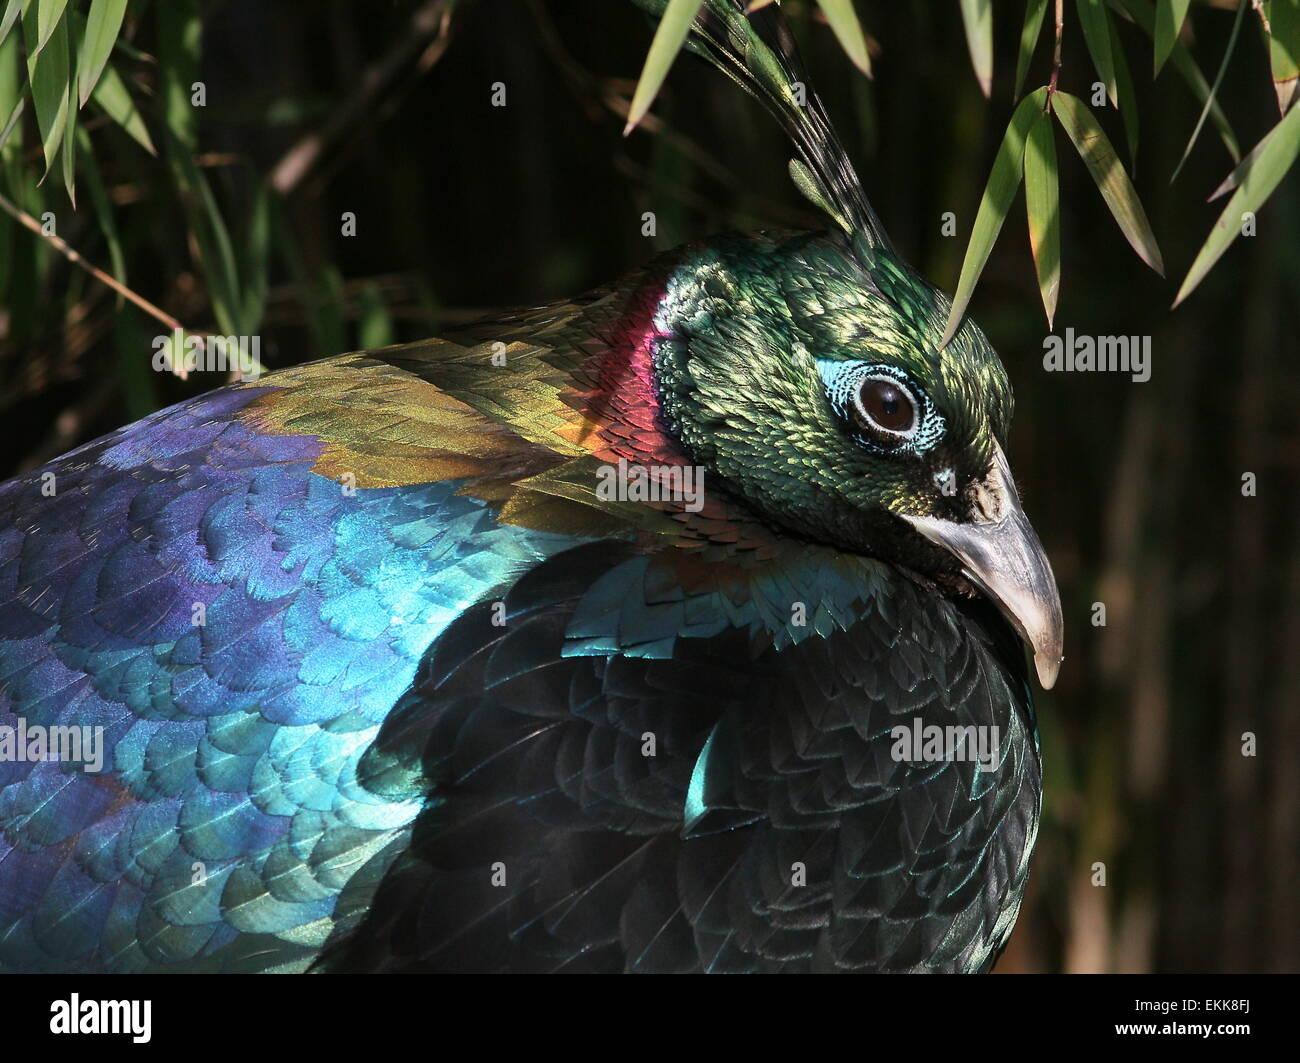 Male Himalayan Monal Pheasant Lophophorus Impejanus A K A Impeyan Monal Or Danphe Stock